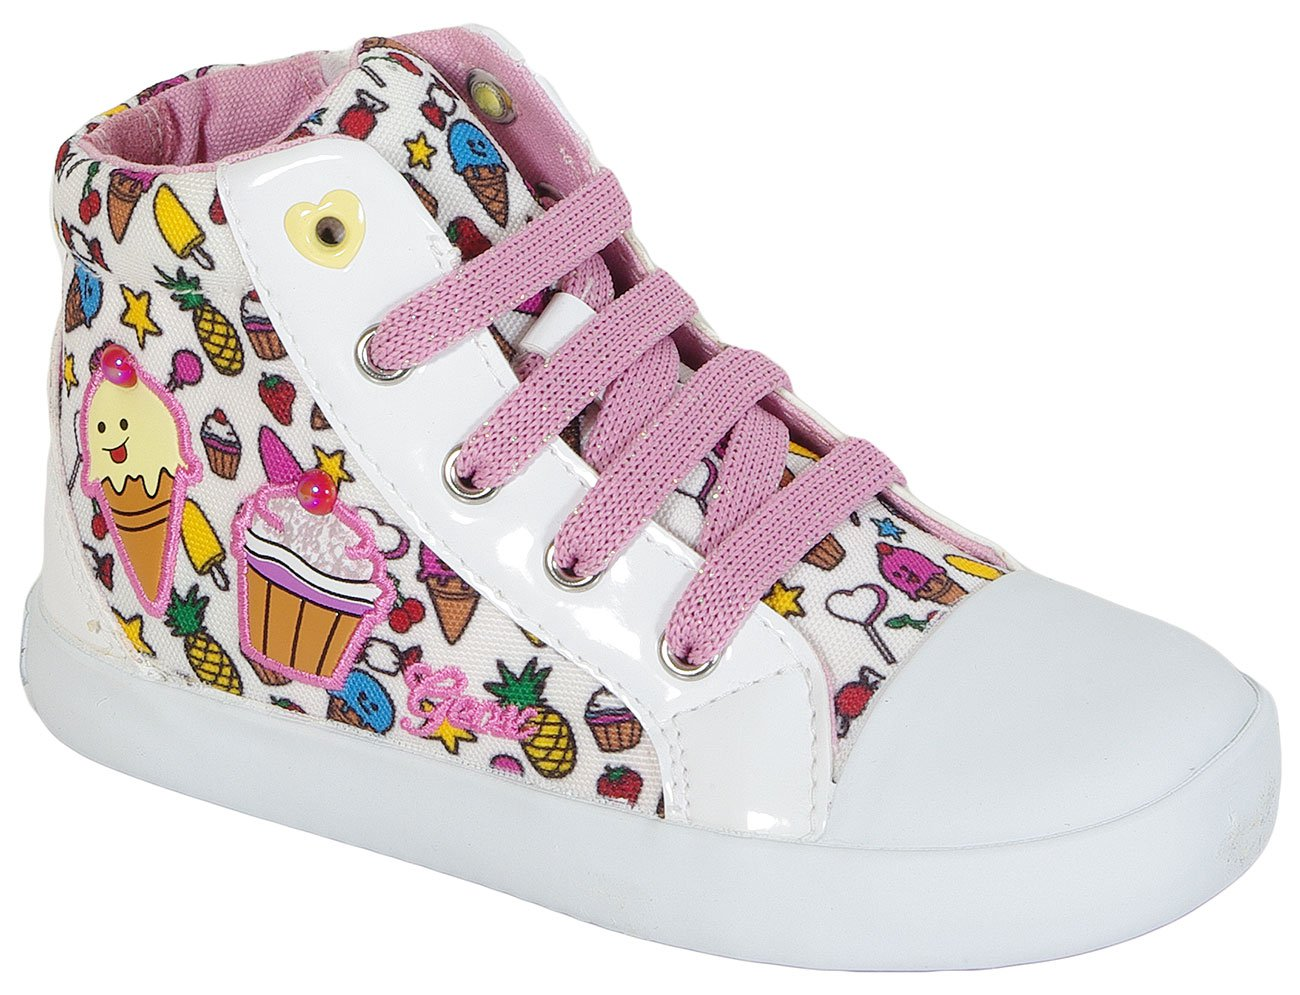 GEOX Kiwi F sneakers White/Multi